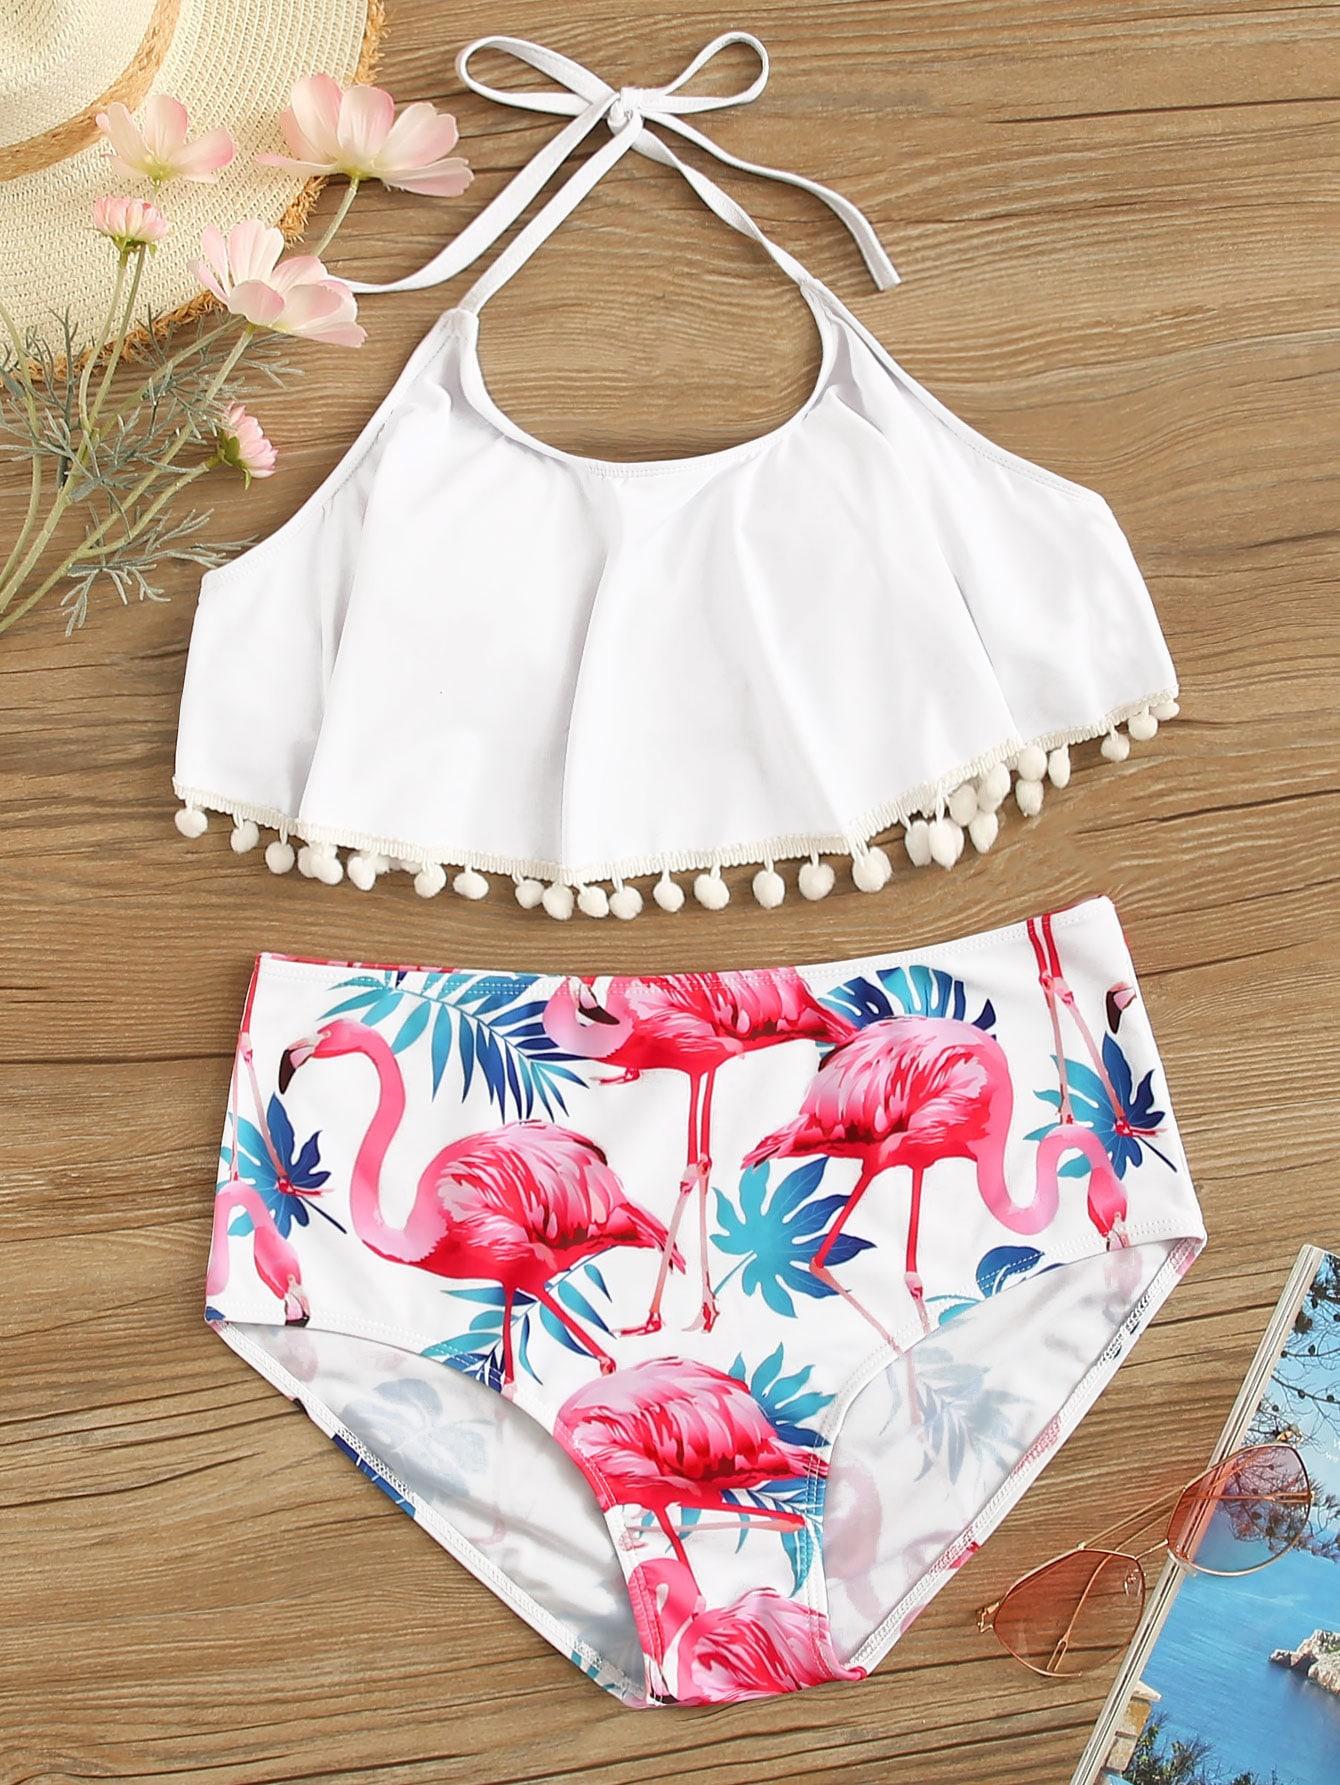 2db80e517f Pom Pom Top With Random Flamingo Print Bikini, null - shein.com - imall.com